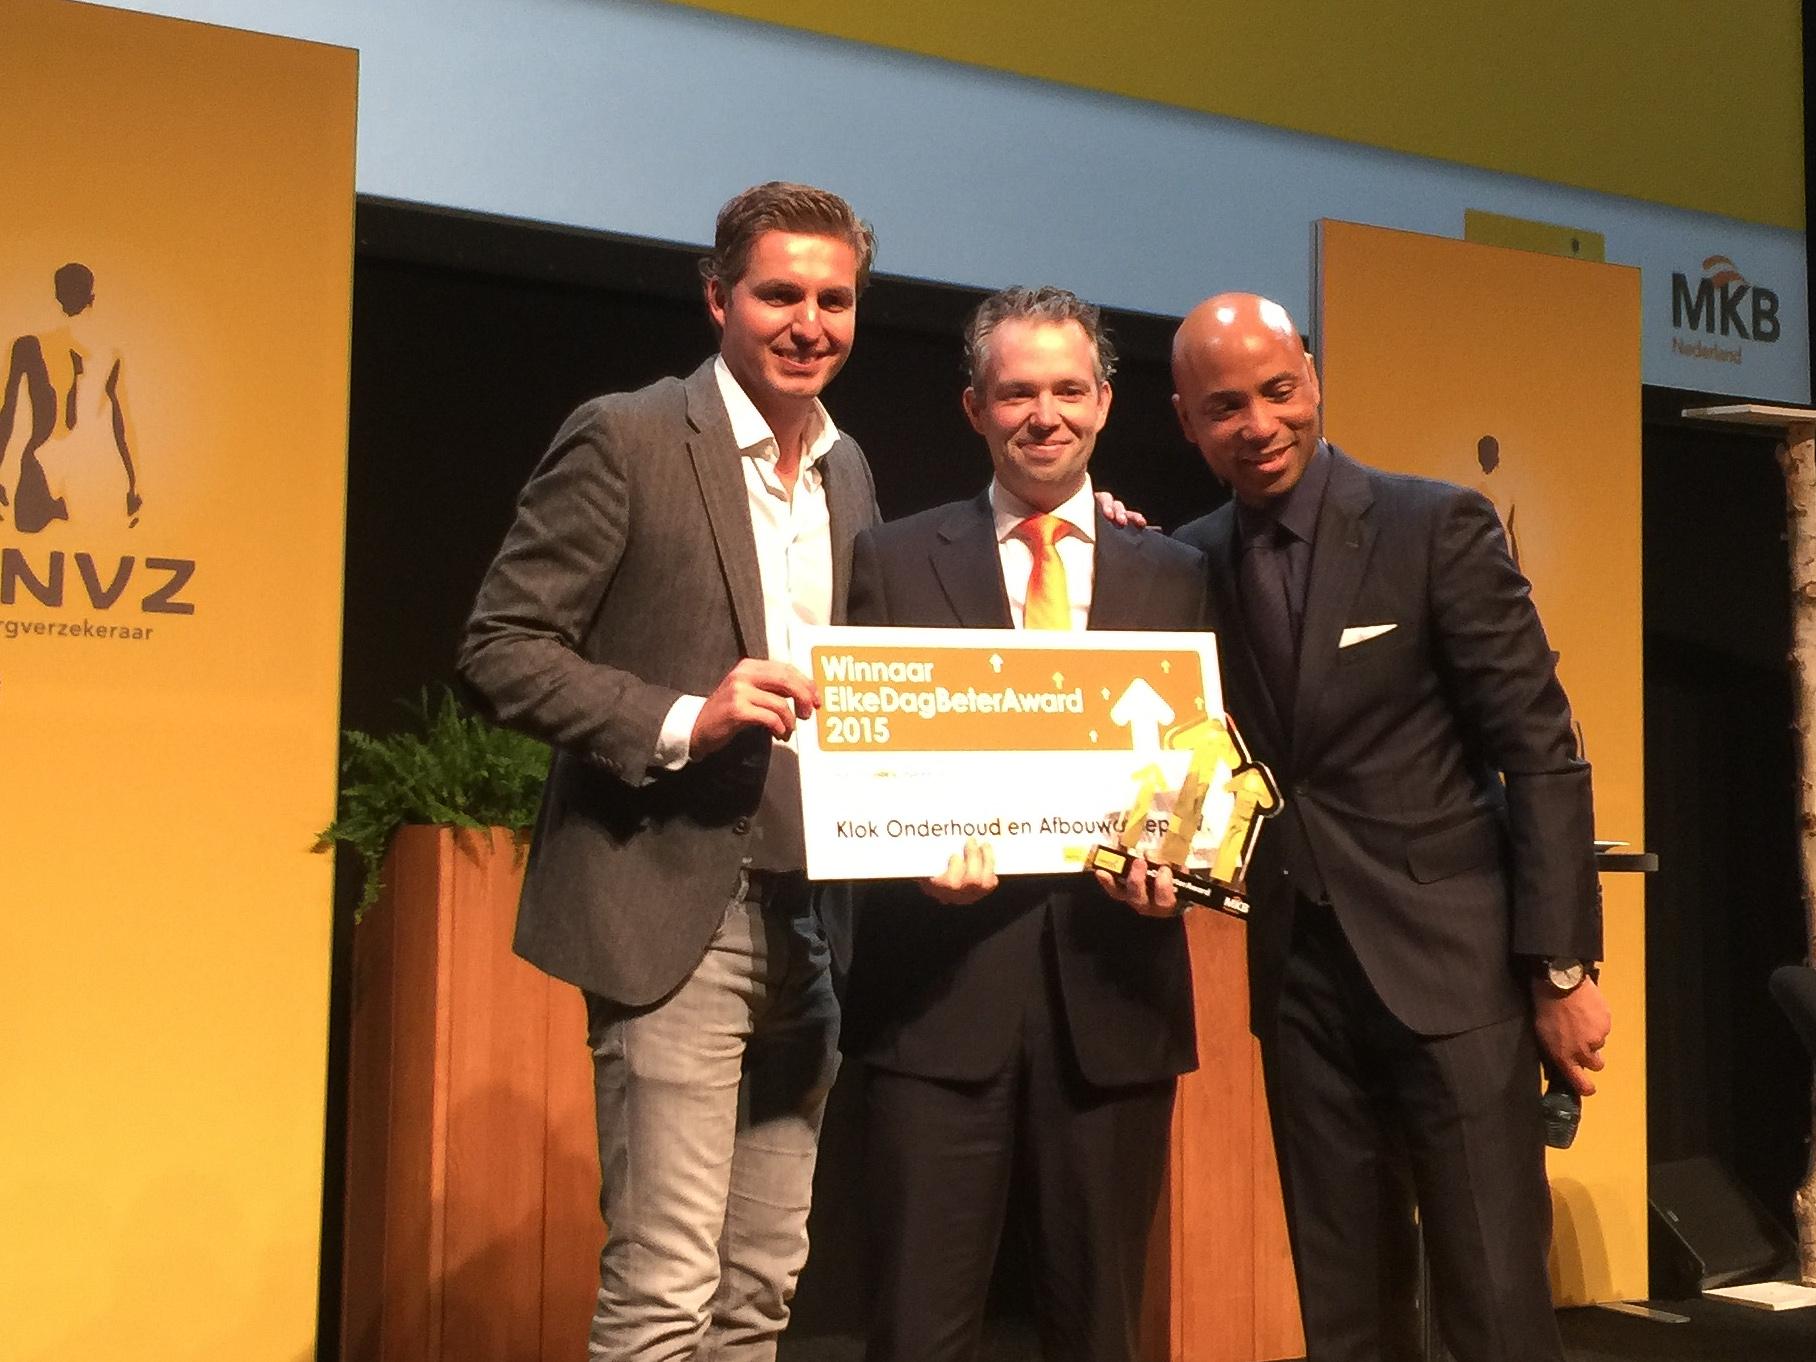 Klok Onderhoud- & Afbouwgroep in Assen is verkozen tot Vitaalste Bedrijf van Nederland, op 25 november 2015 in de Amsterdam RAI. Directeur Leon den Hertog kreeg de ElkeDagBeterAward overhandigd door Pieter van den Hoogenband en Humberto Tan.